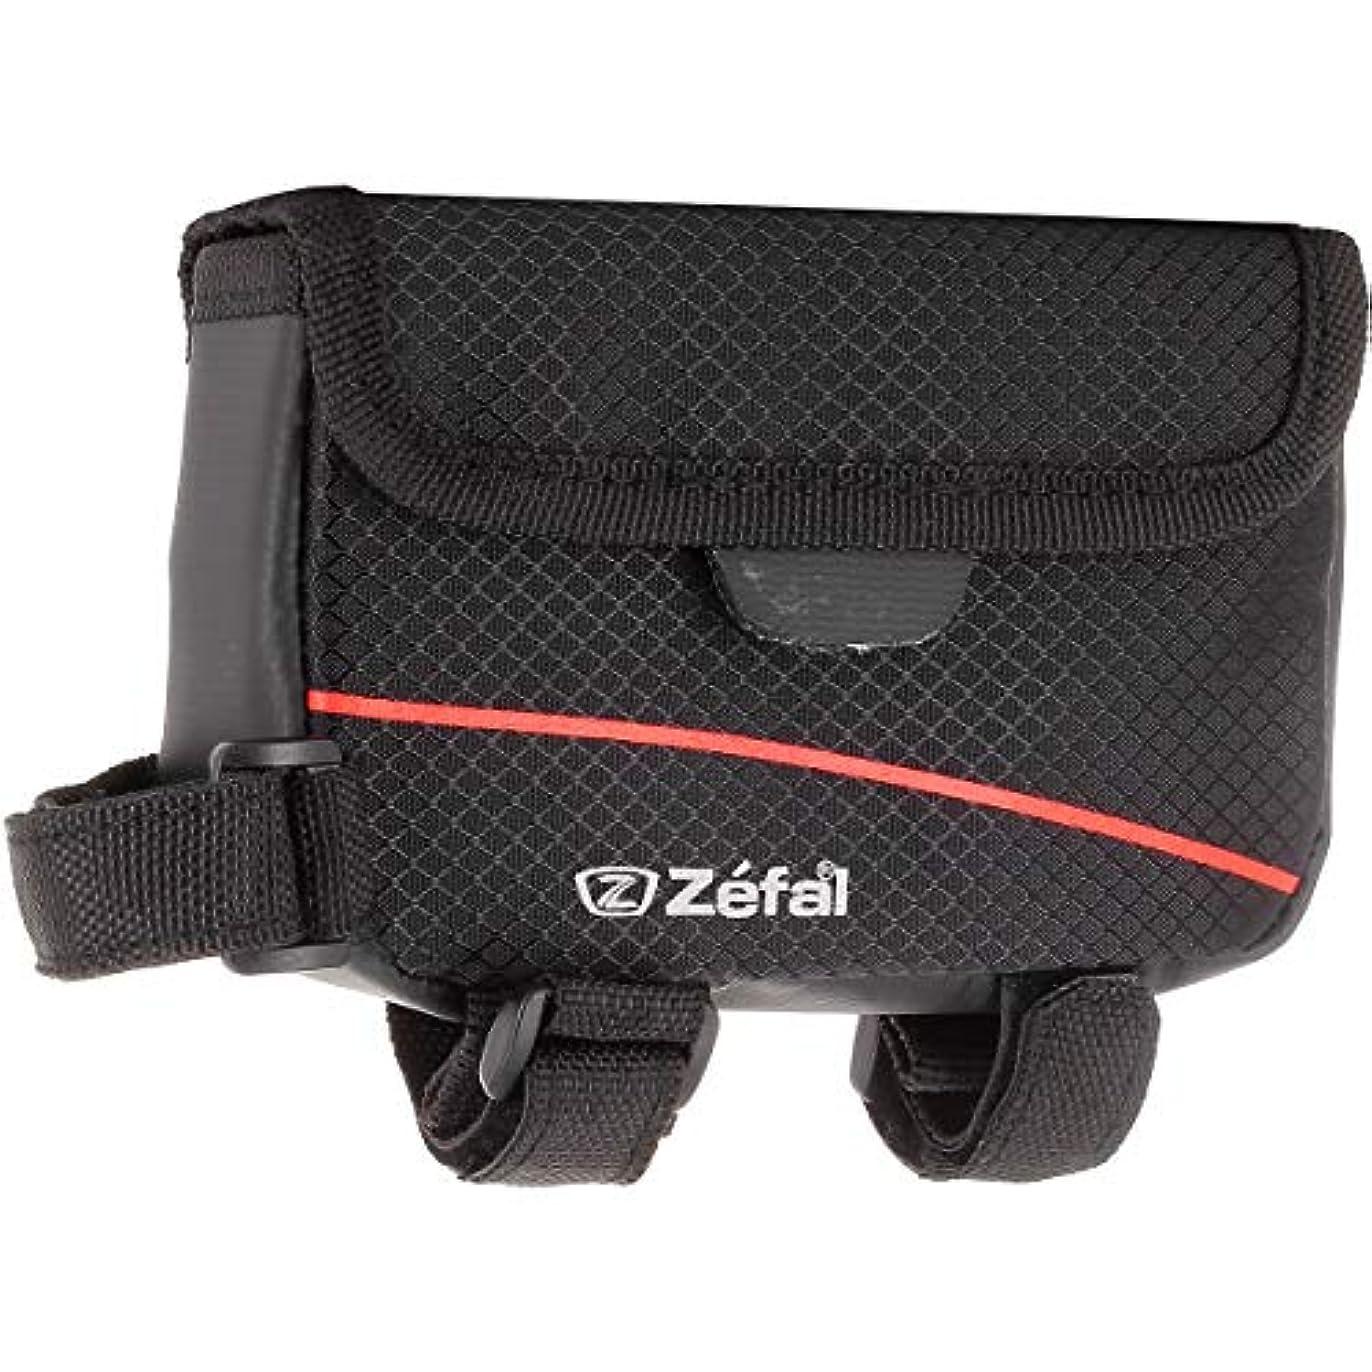 衝突滴下費用Zefal(ゼファール) 7041 Z LIGHT FRONT PACK トップチューブバック